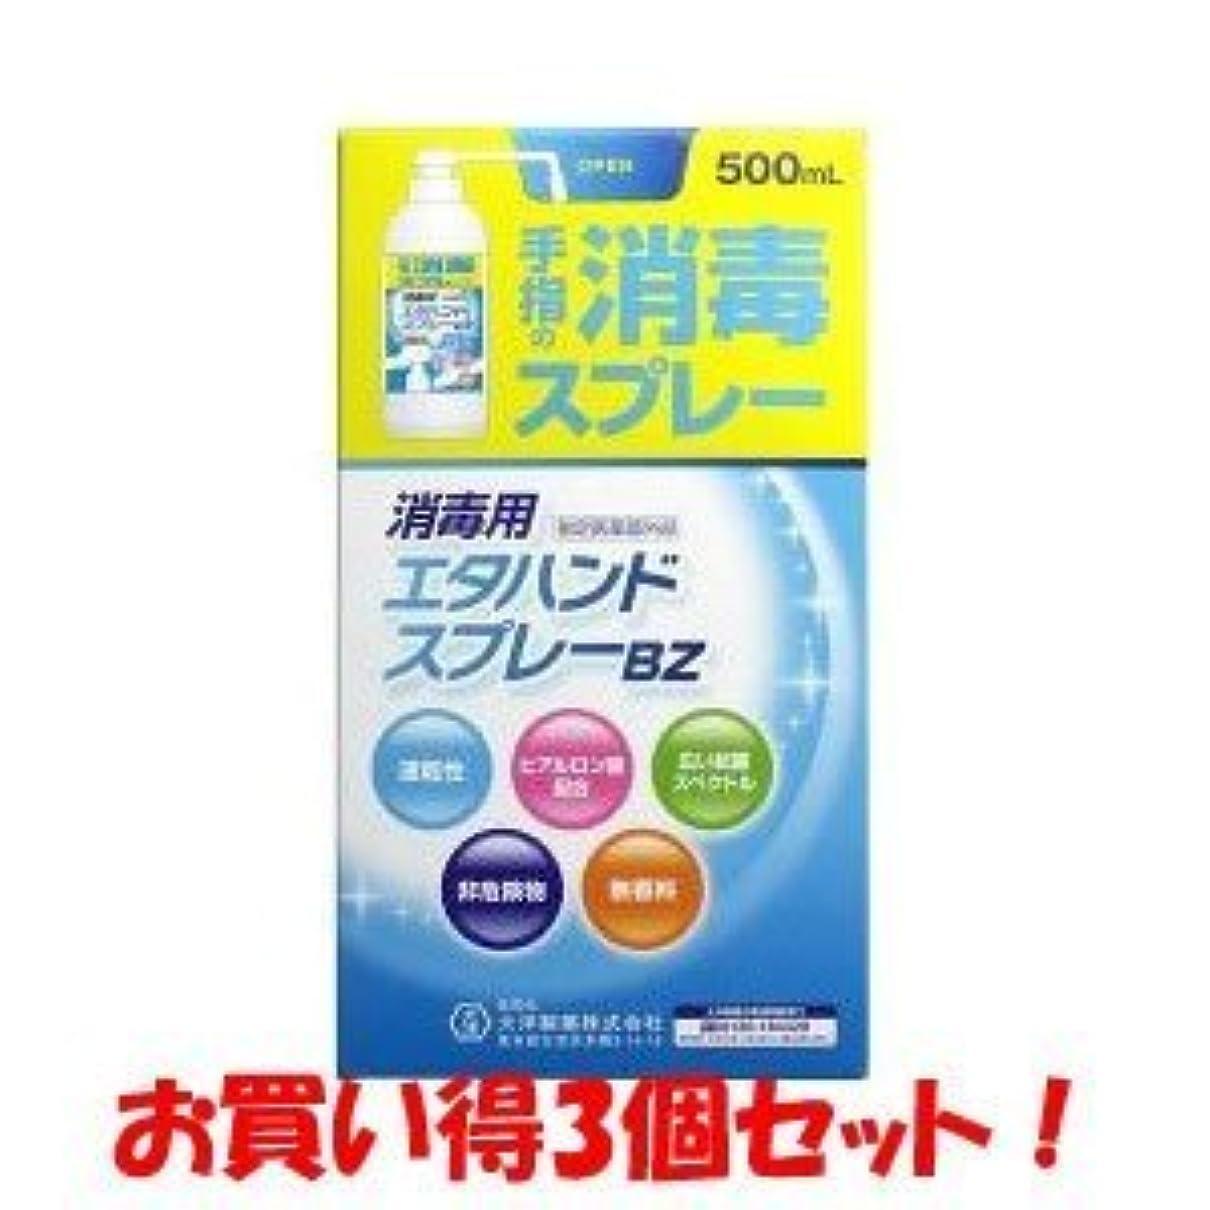 無能ことわざペインティング(大洋製薬)大洋製薬 消毒用エタハンドスプレーBZ 500ml(医薬部外品)(お買い得3個セット)